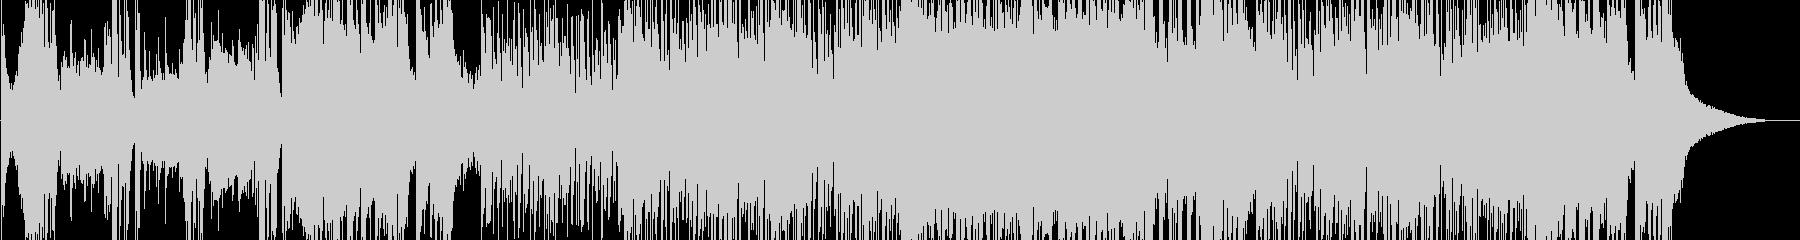 速いテンポのジャズビッグバンドの未再生の波形